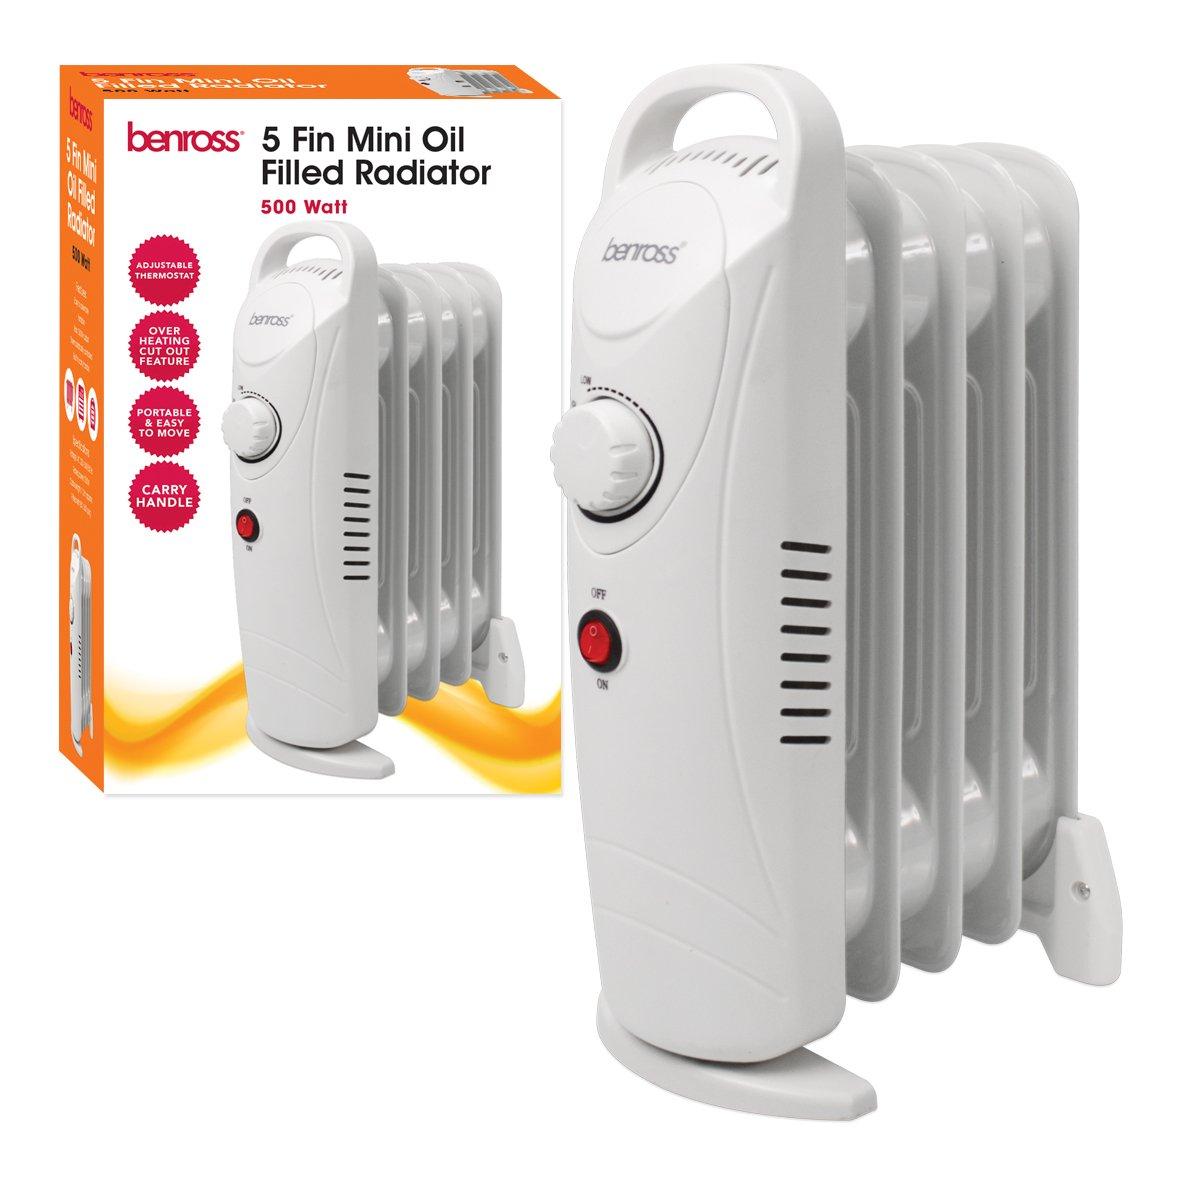 Benross 5-Fin Mini Oil Filled Radiator, 500 Watt Benross Marketing Ltd 41640